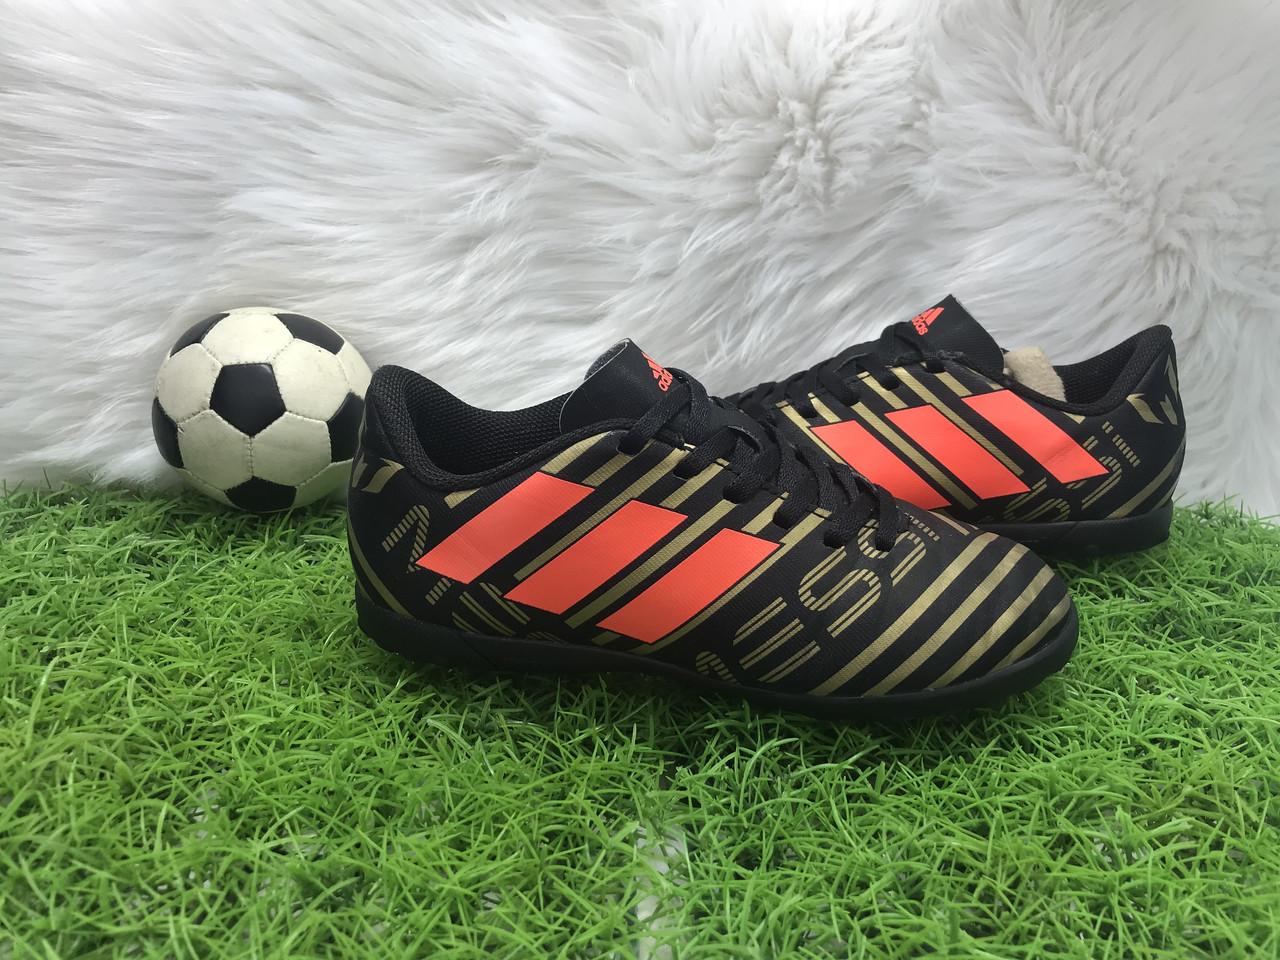 Сороконожки Adidas Nemeziz Messi Tango 17,4 TF Jr (31 размер) бу